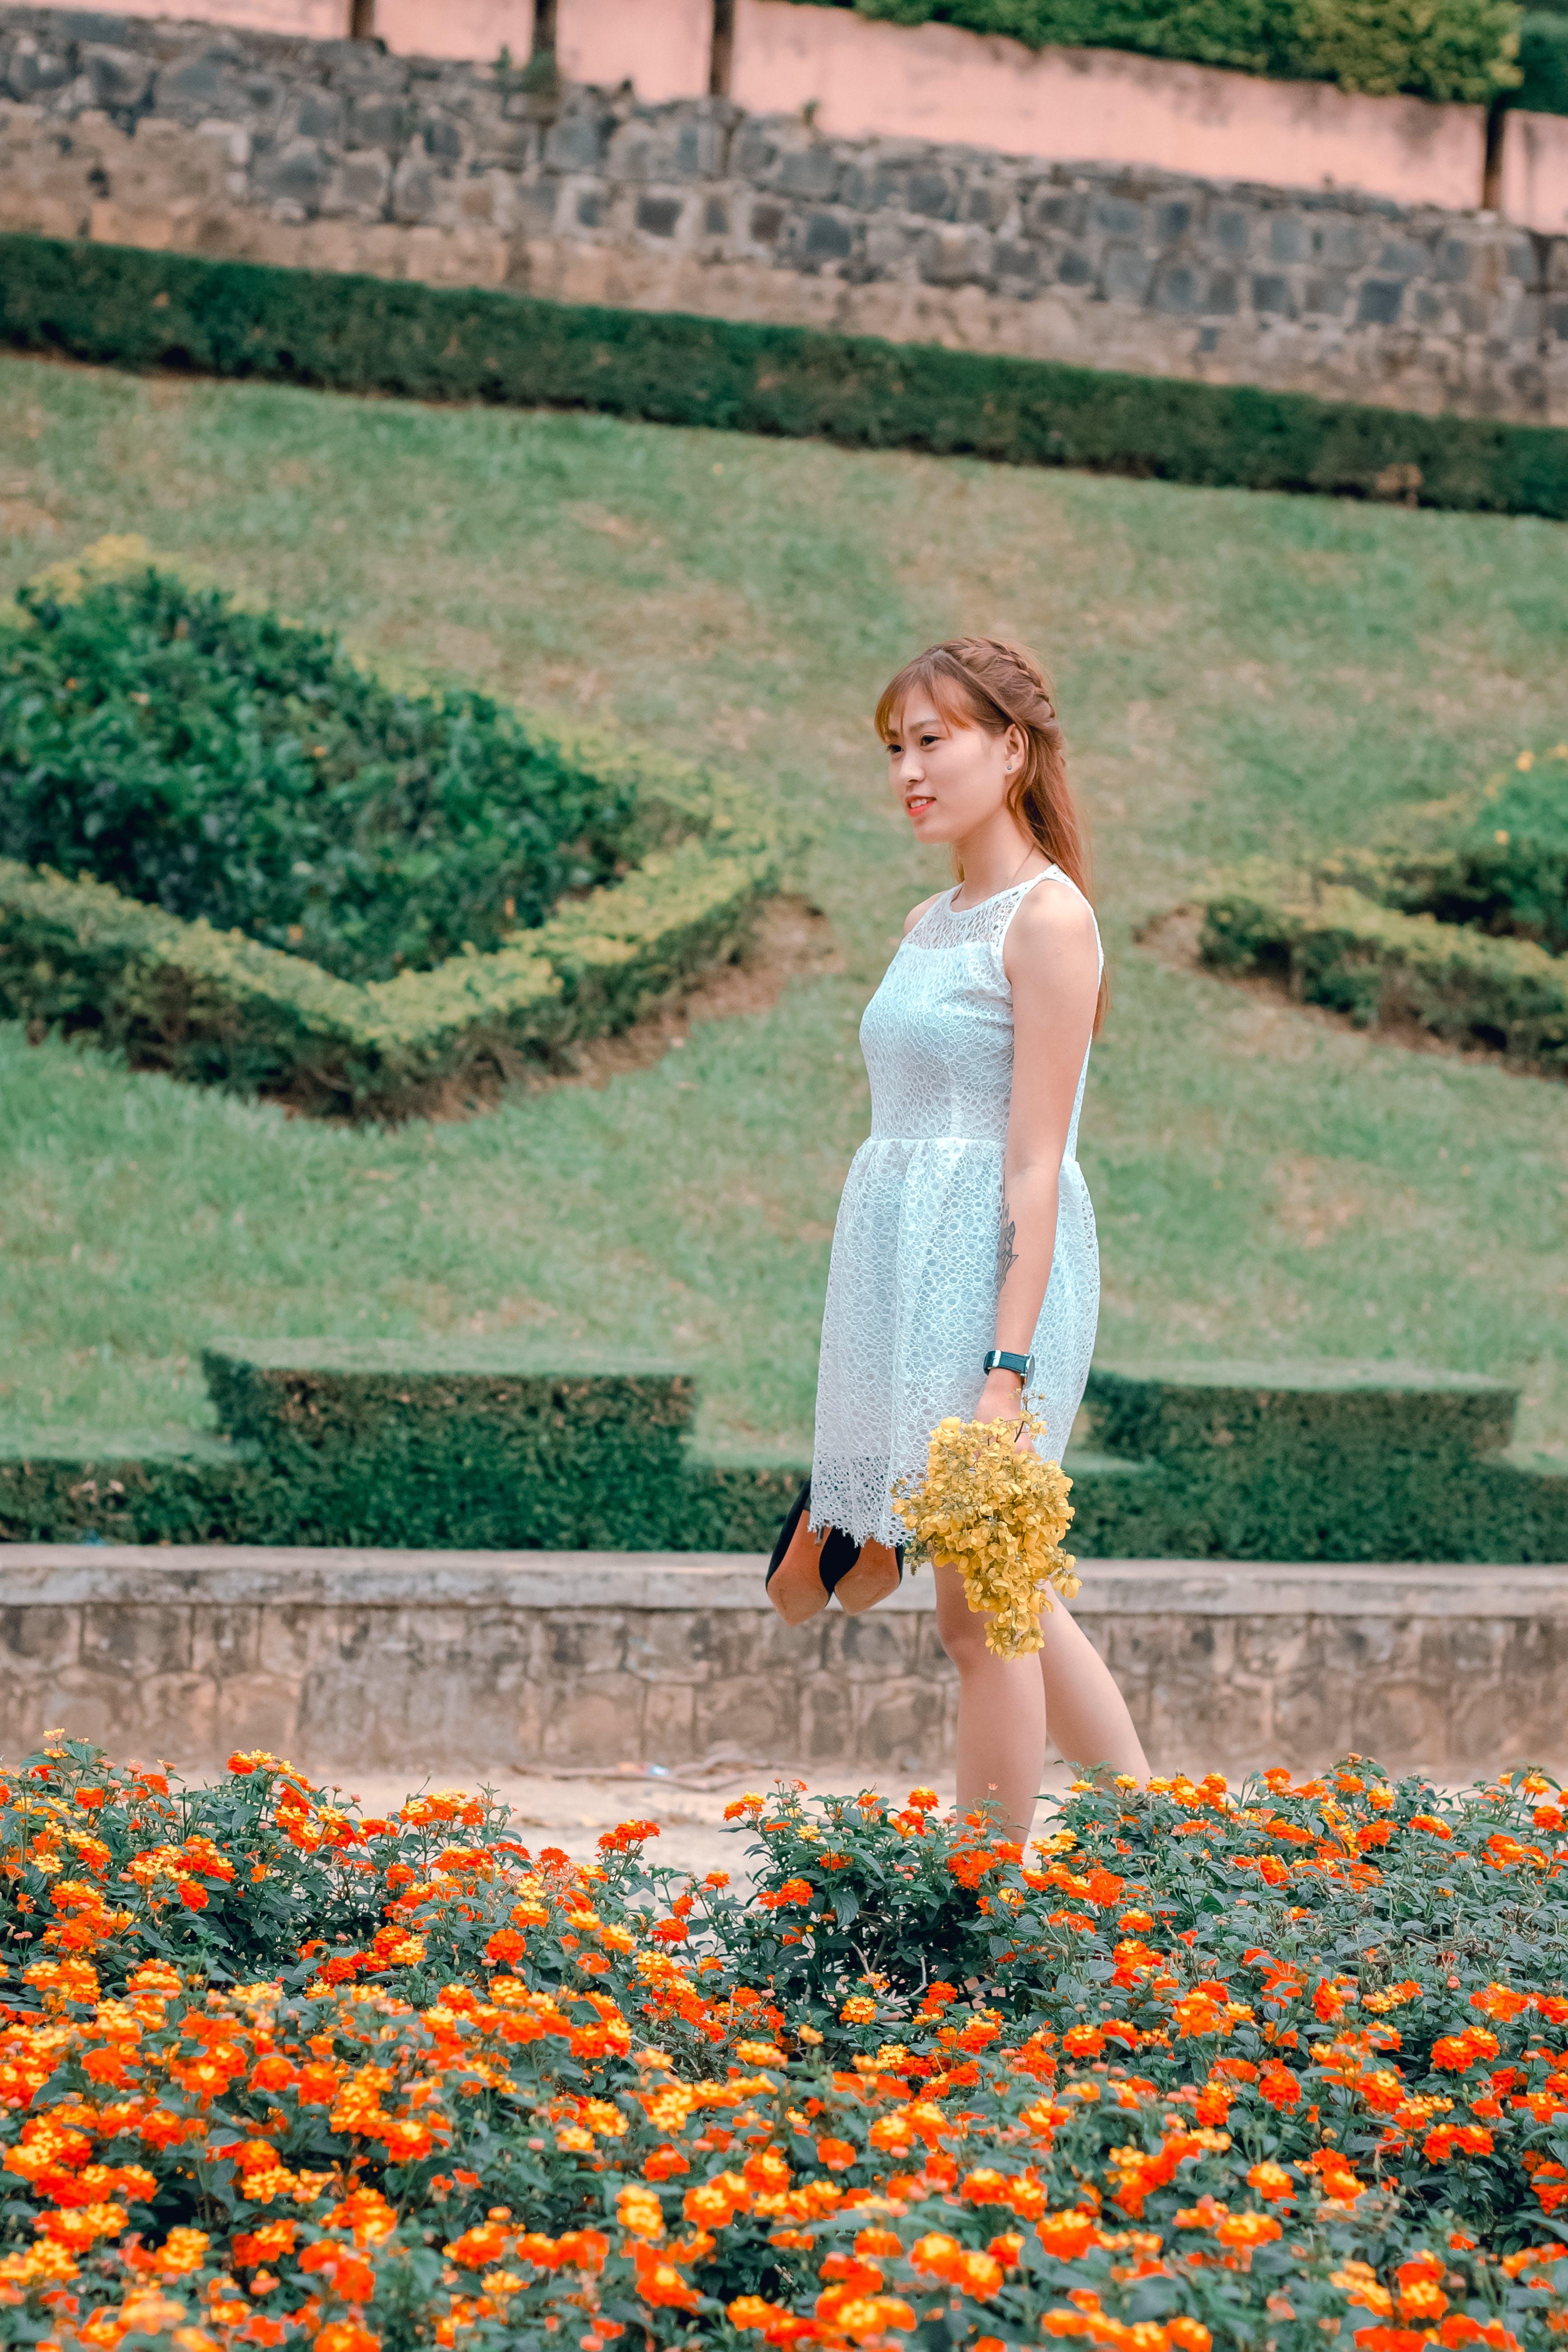 Women's White Sleeveless Dress Holding Yellow Flowers